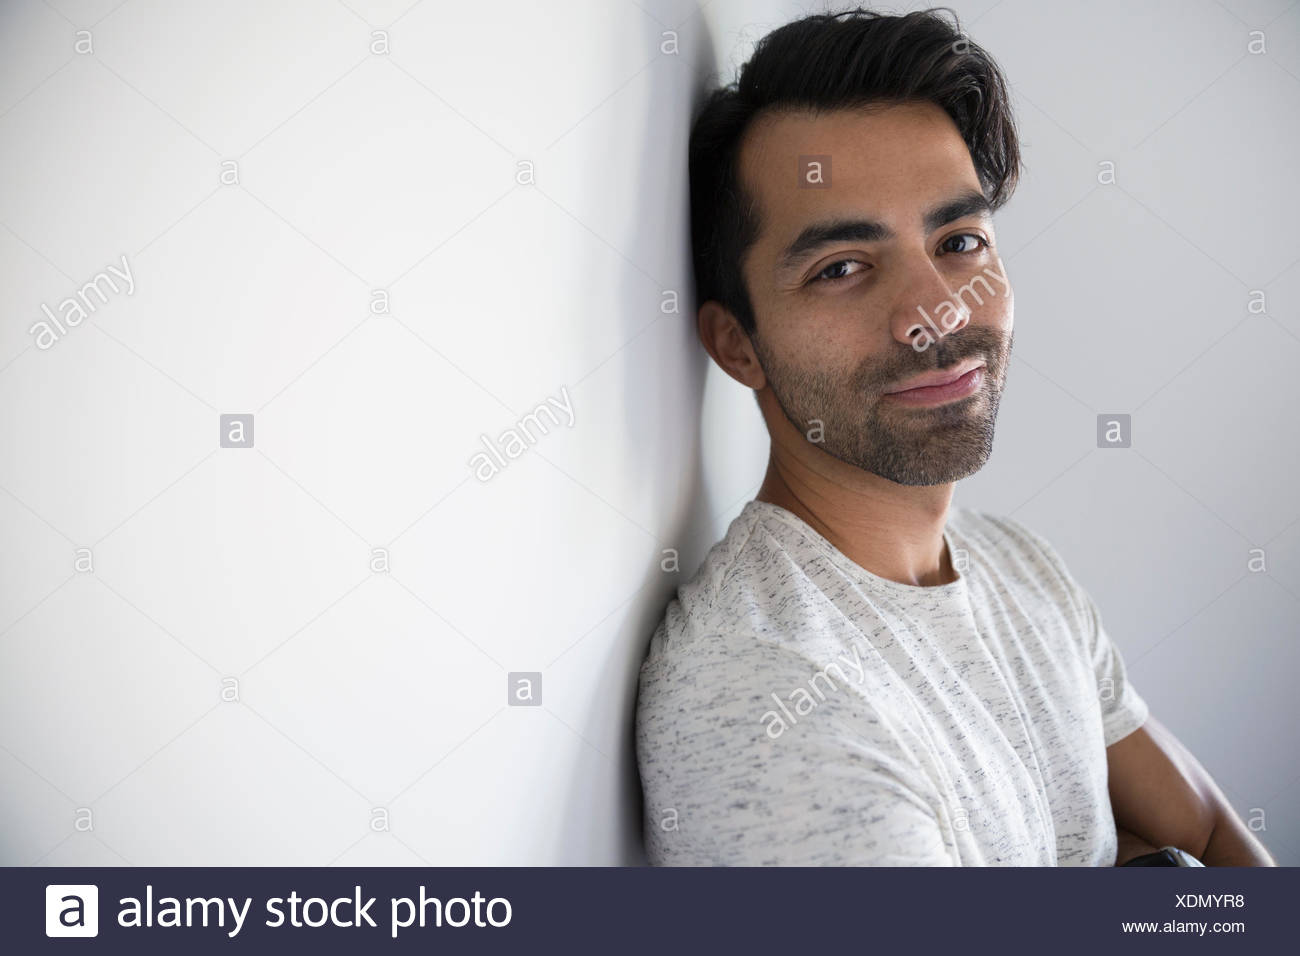 Porträt, Lächeln, Mann mit schwarzen Haaren und Stoppeln Stockbild